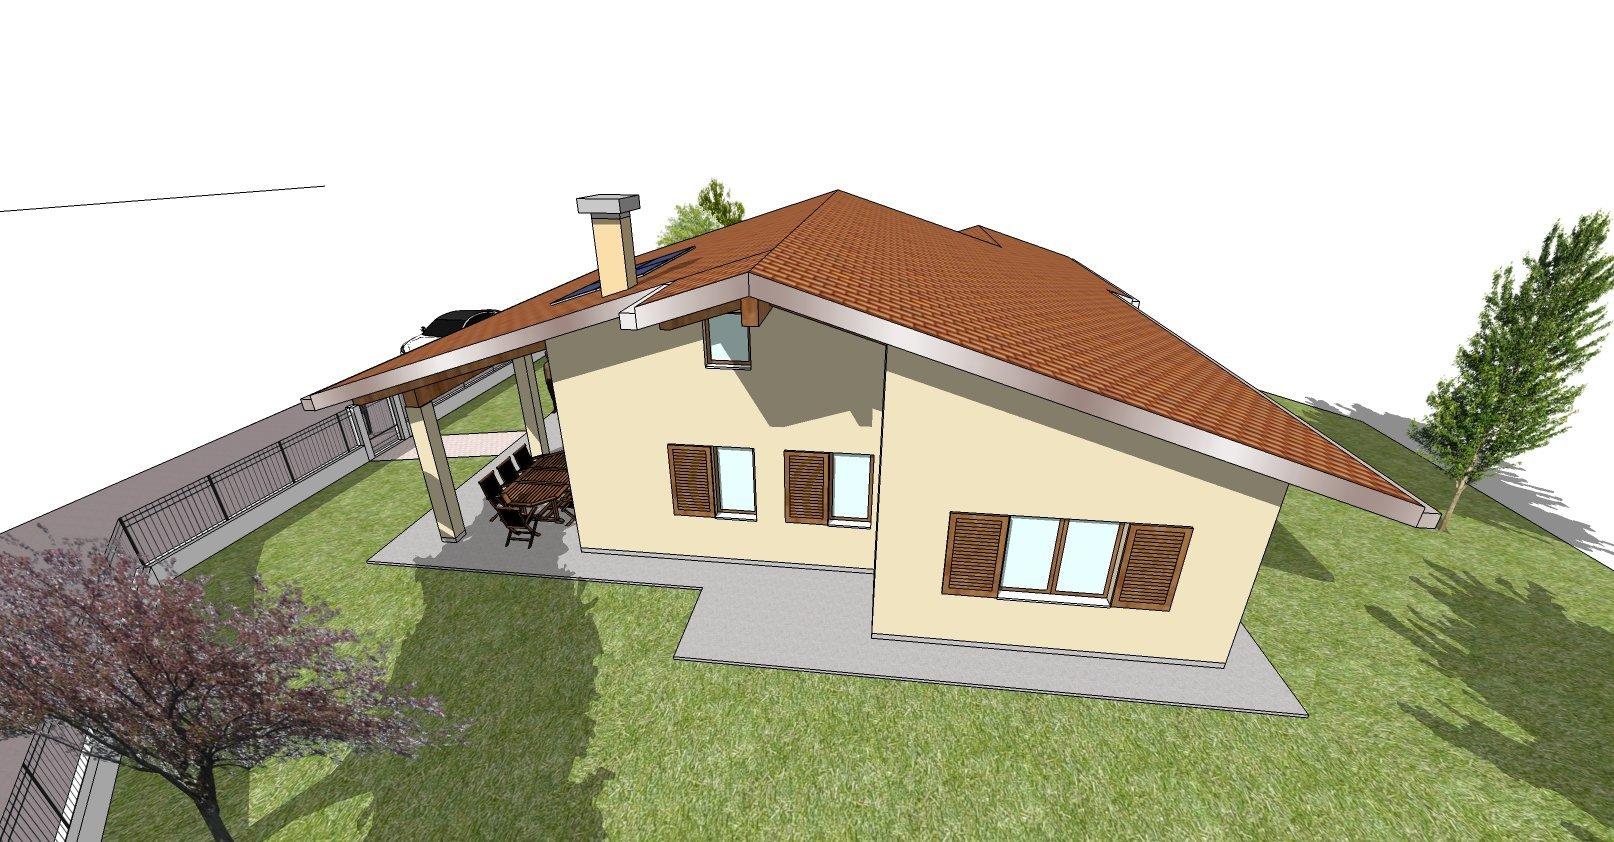 disegno bozza casa  - vista fronale